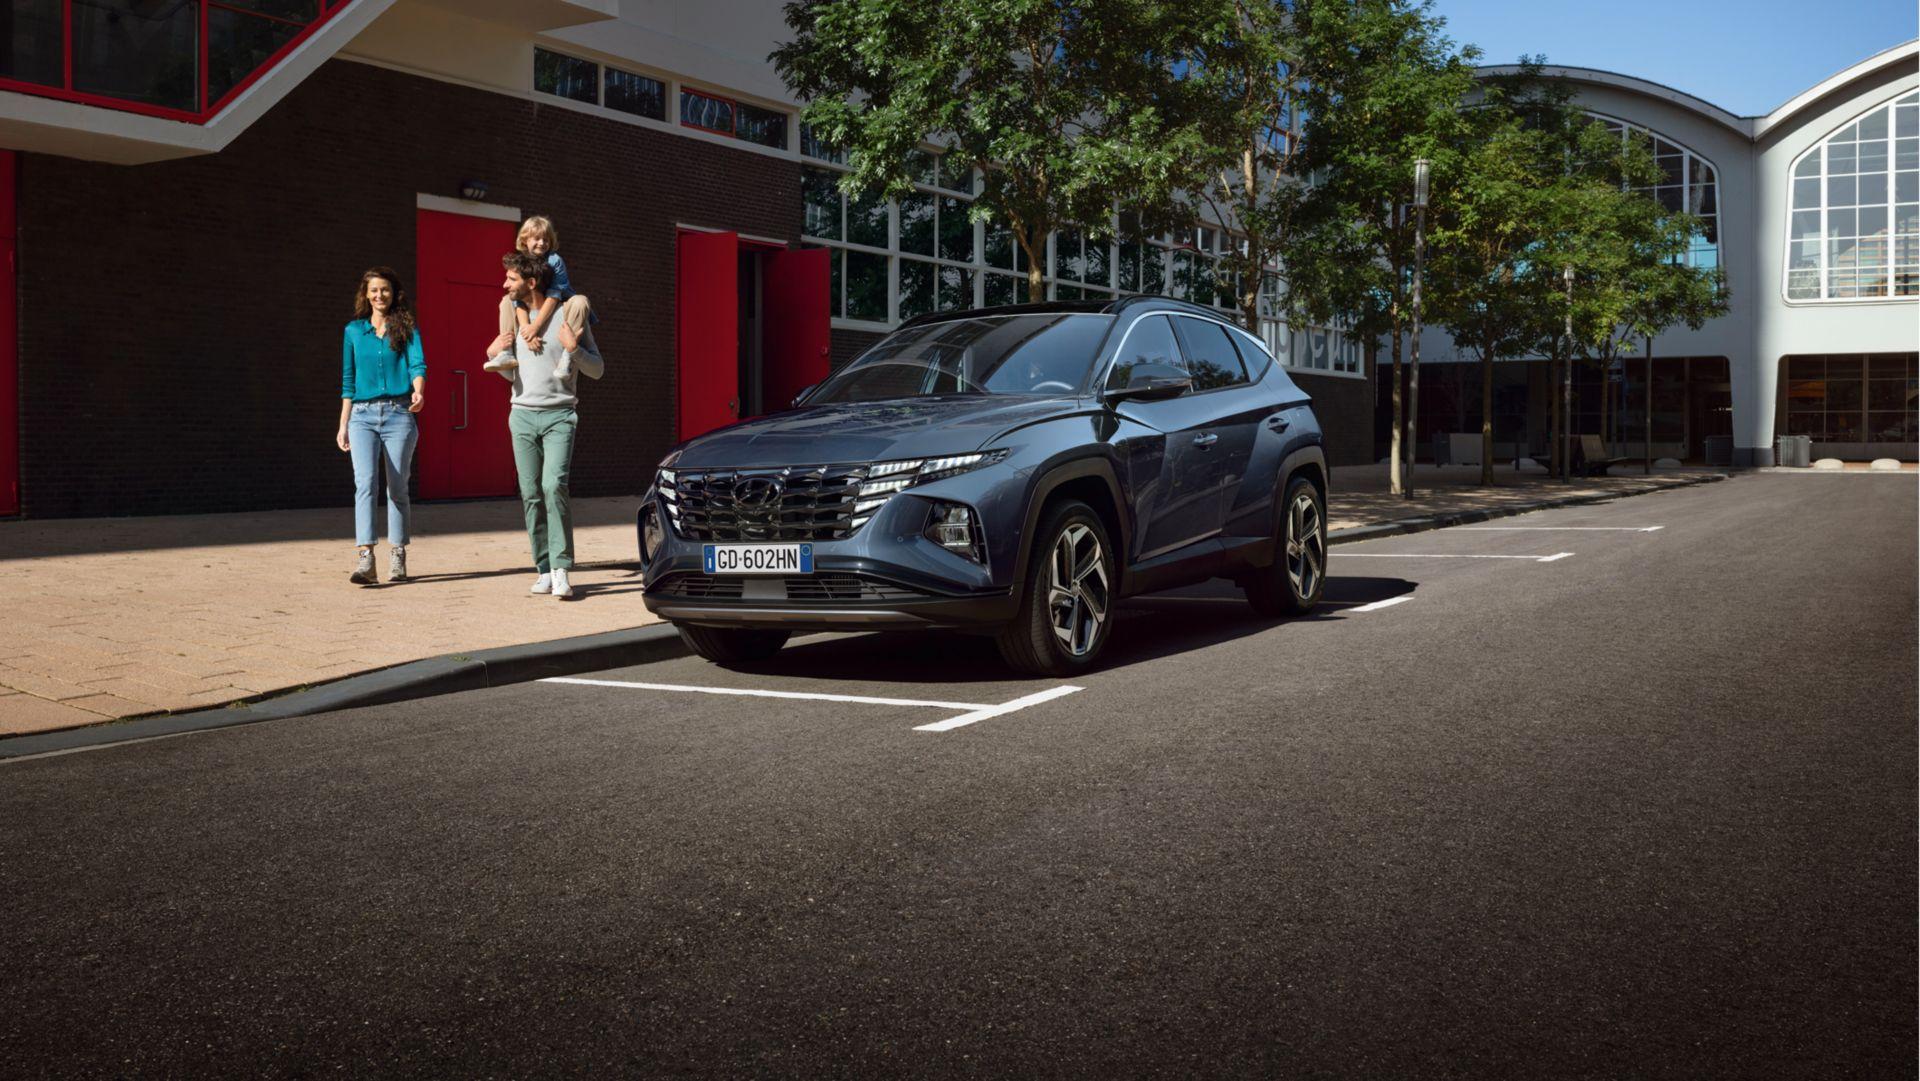 Hyundai Nuovo Tucson Hybrid: Preventivo Gratuito e Personalizzato!